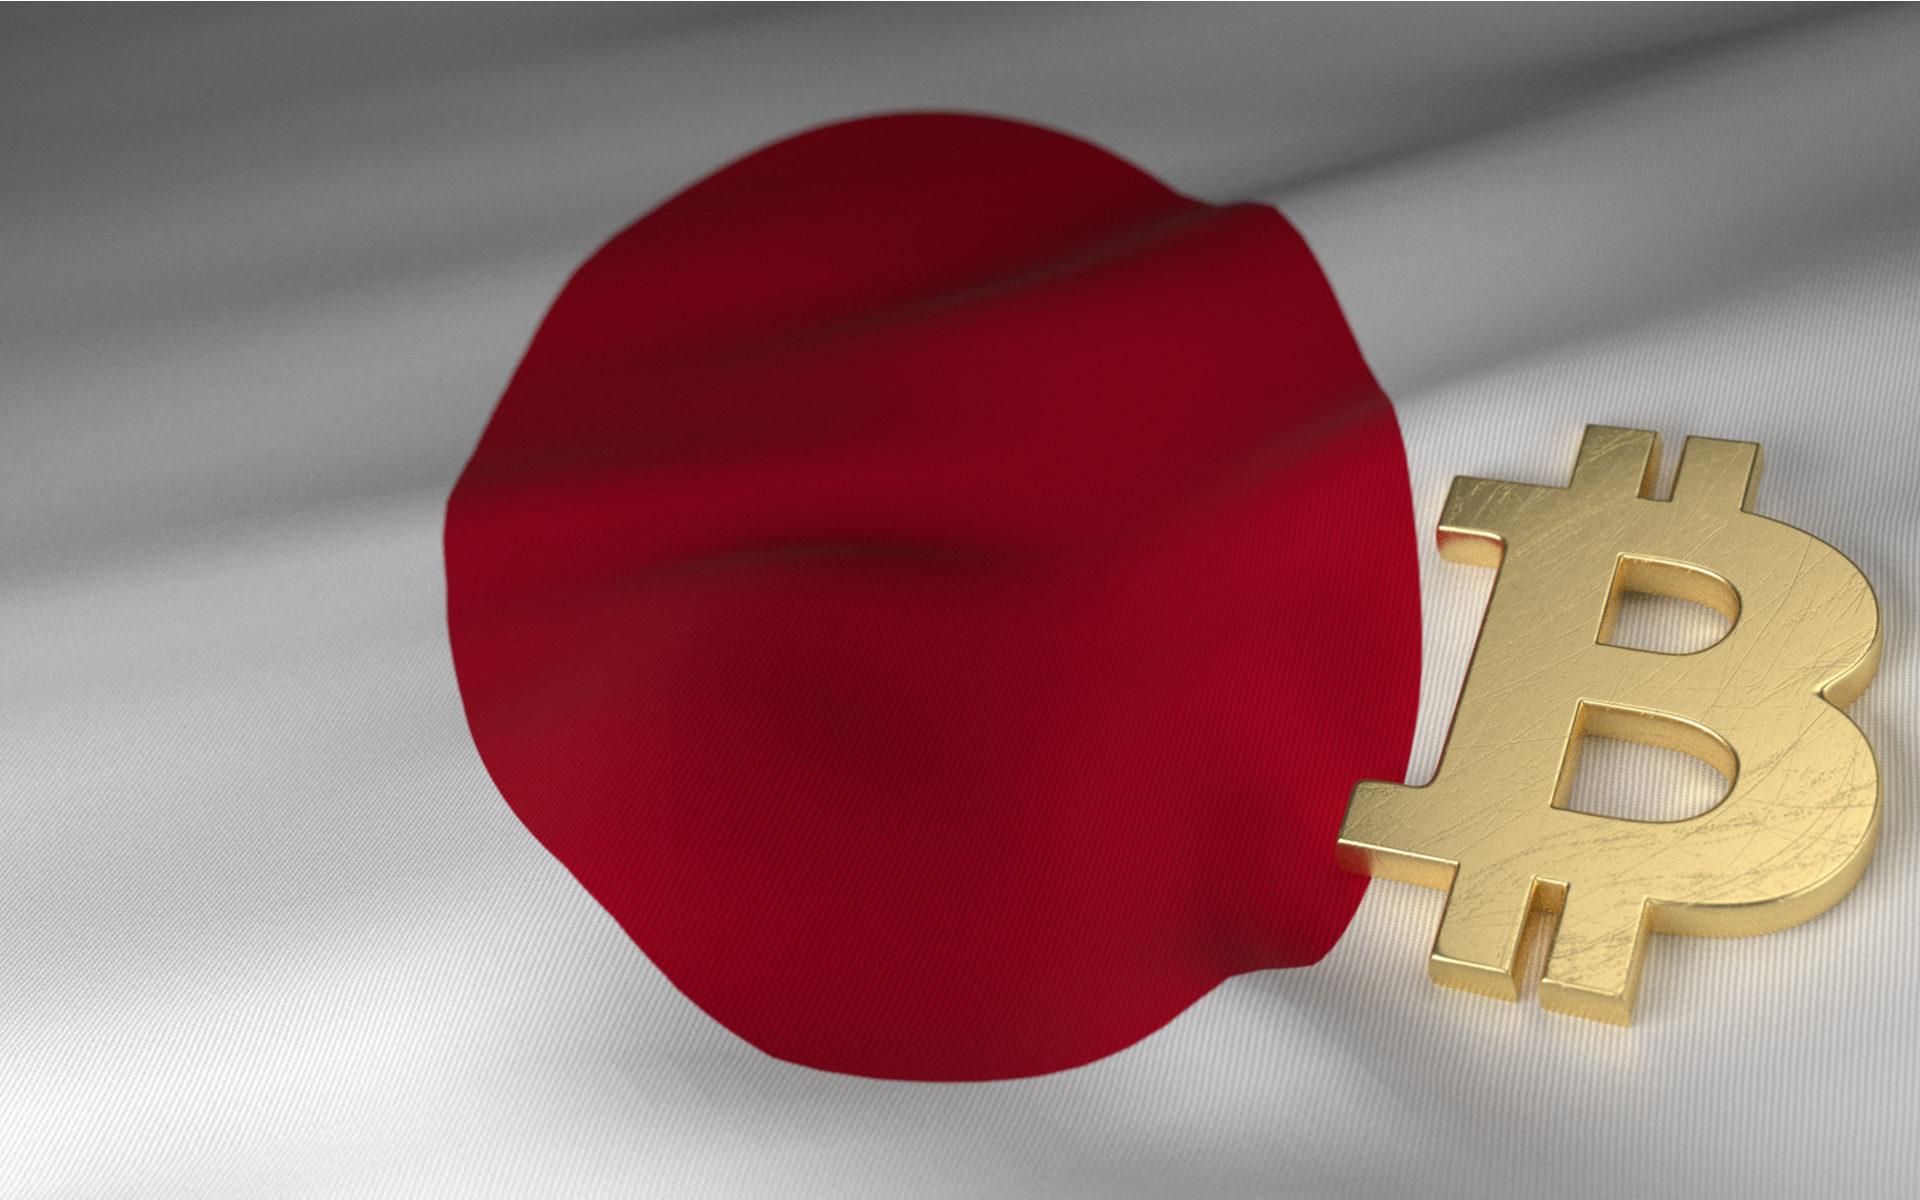 Japonya Ekonomisi de Durgunluk Dönemine Girdi Ekonomik Kaos Bitcoin BTC Fiyatına Etki Eder Mi